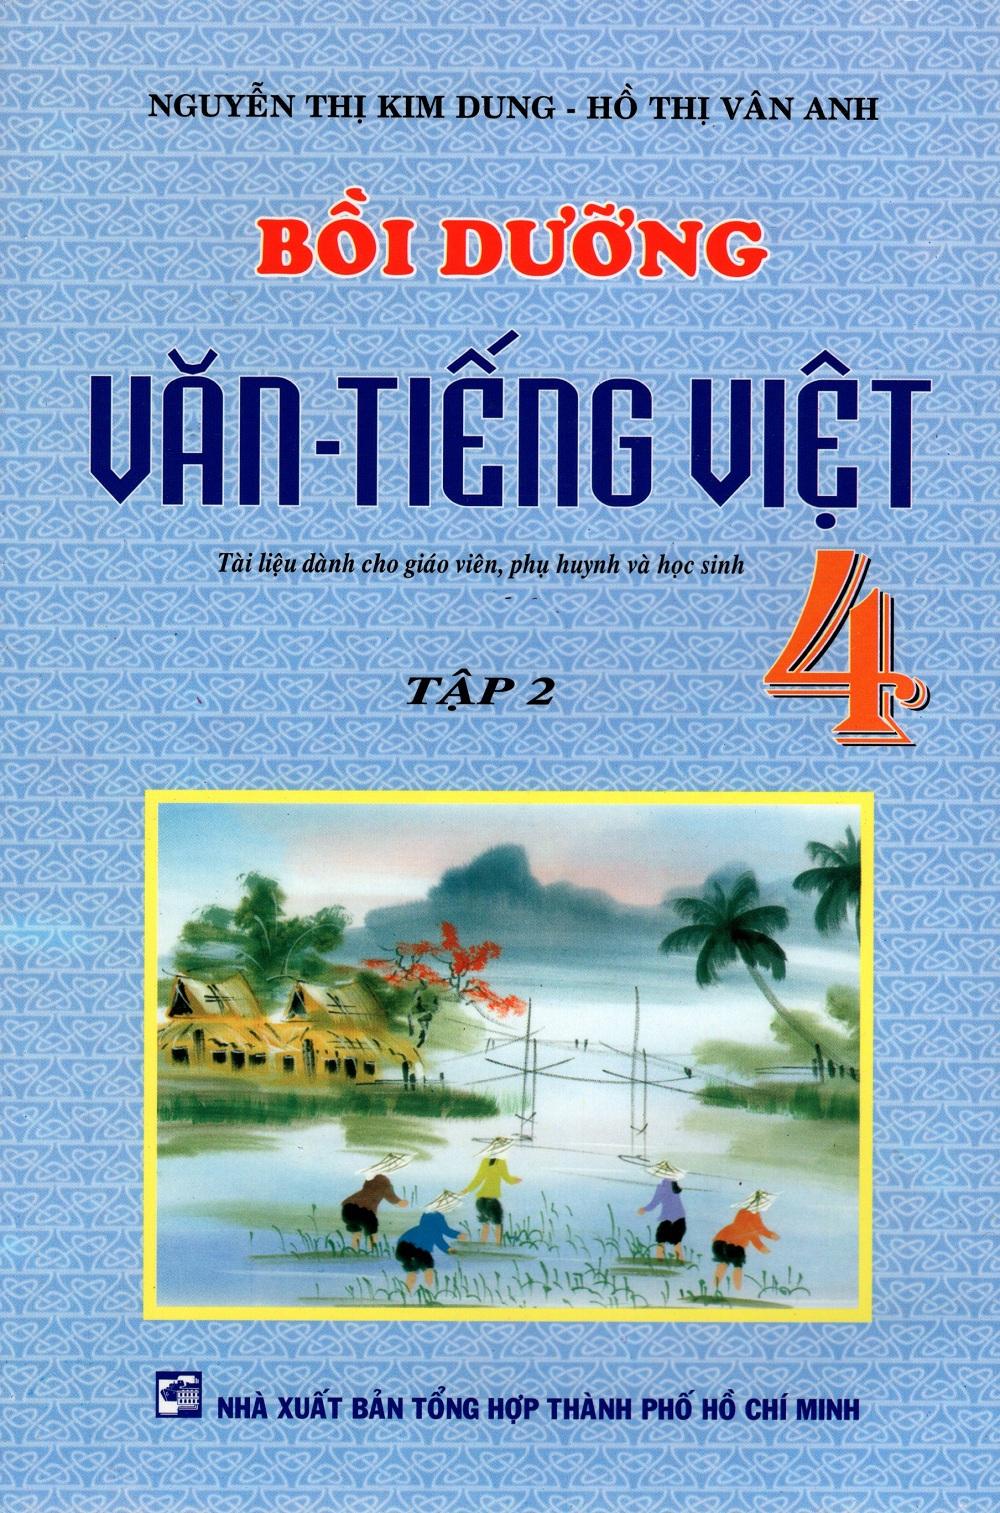 Bìa sách Bồi Dưỡng Văn - Tiếng Việt Lớp 4 (Tập 2)